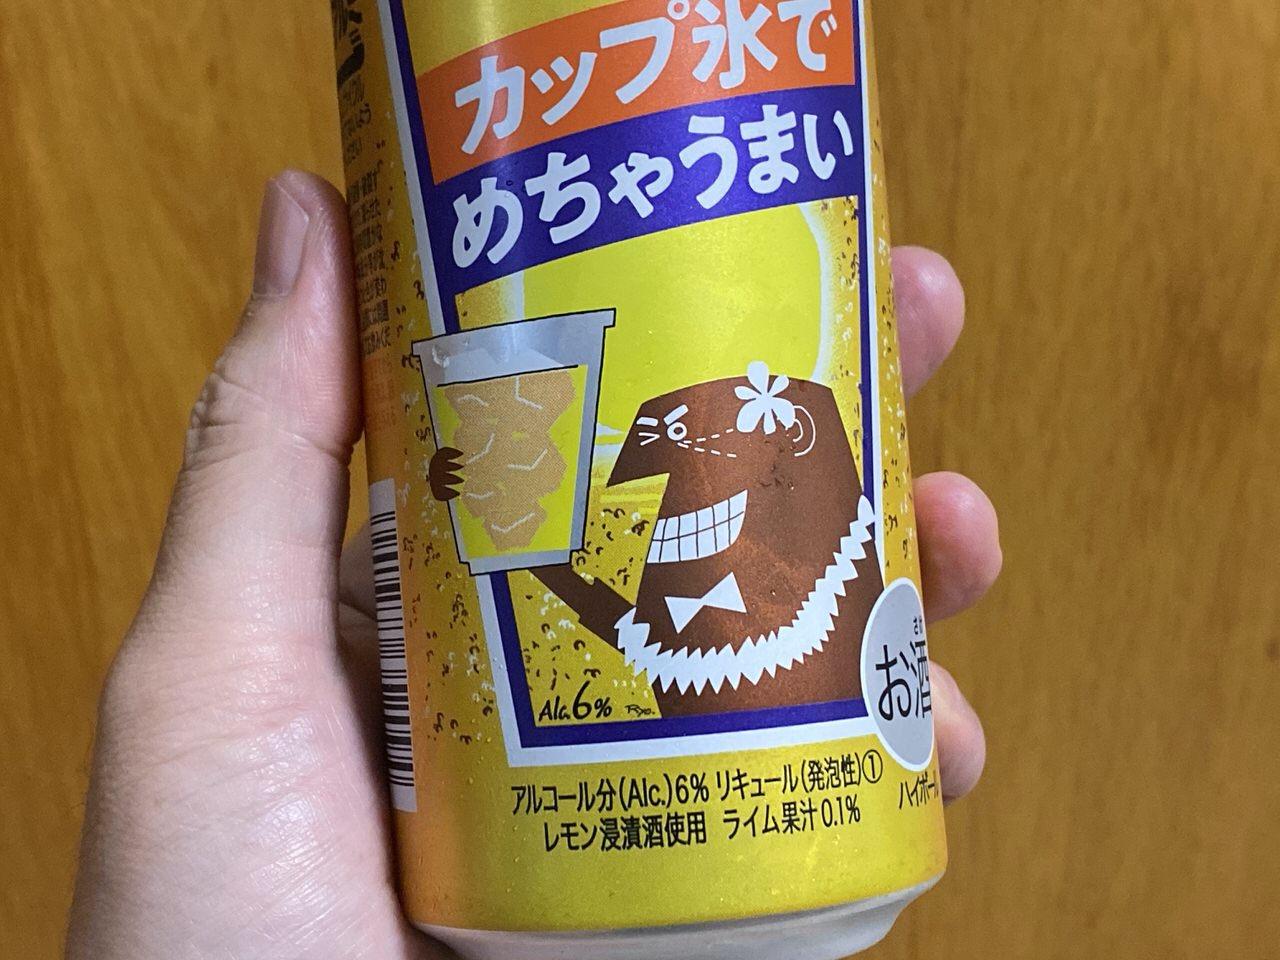 氷たっぷりで呑むセブンイレブン限定「トリスハイボール 太陽のレモン」が美味い